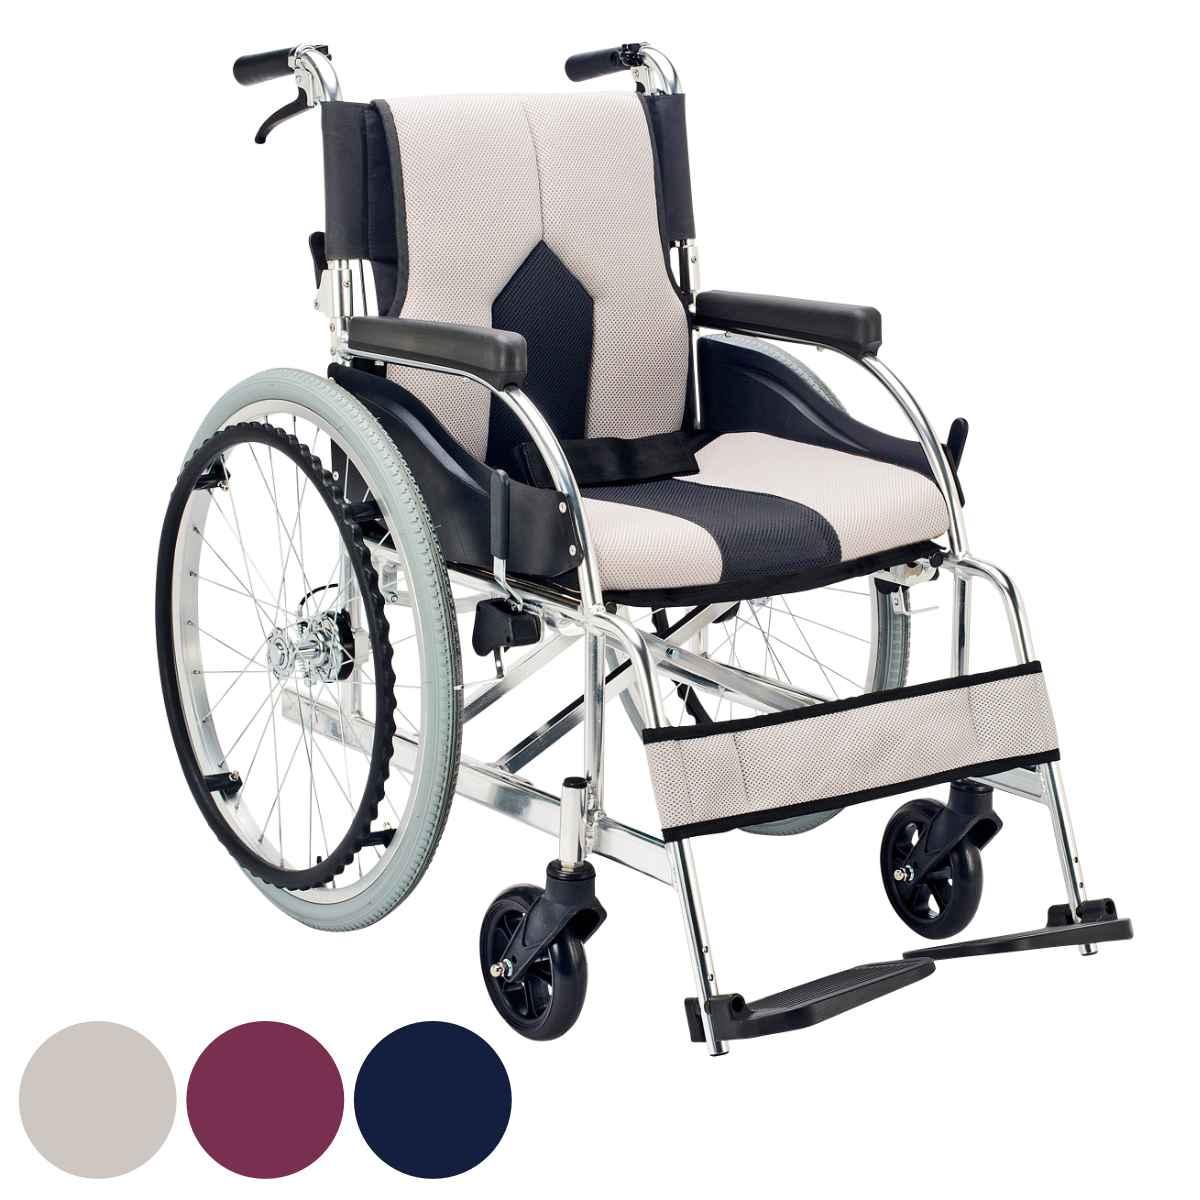 アルミ製車いす カラーズ 自走式背折れ型 ライトグレー 非課税 ( 送料無料 車イス 車椅子 )